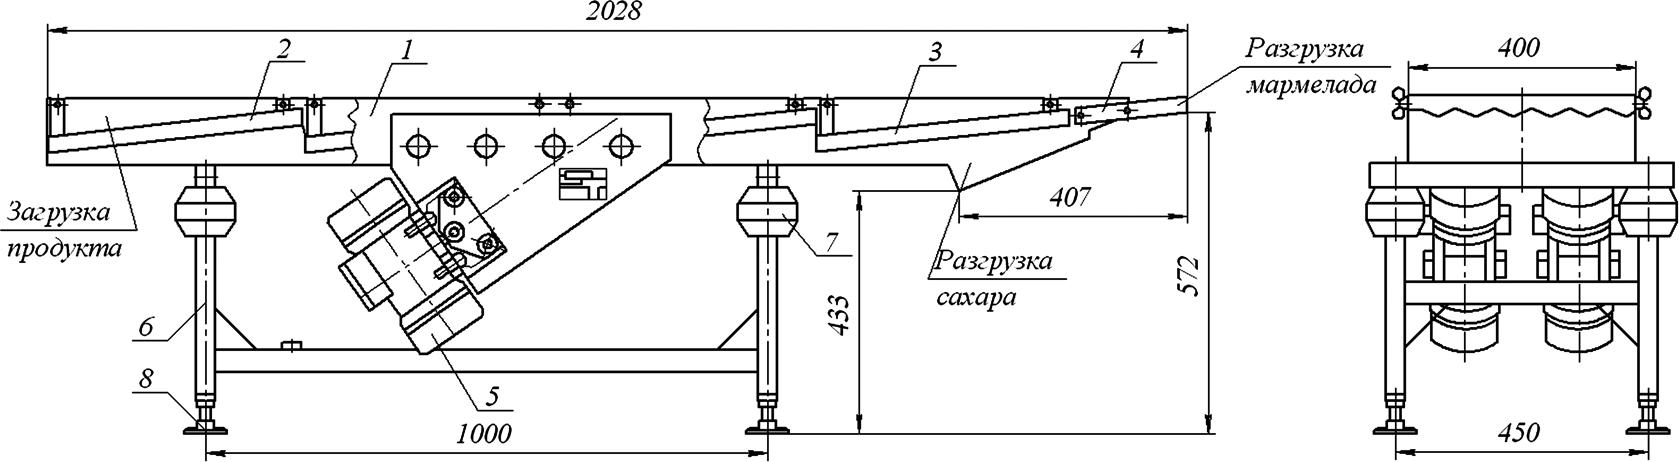 Установка просеивающая вибрационная УПВ-0,4